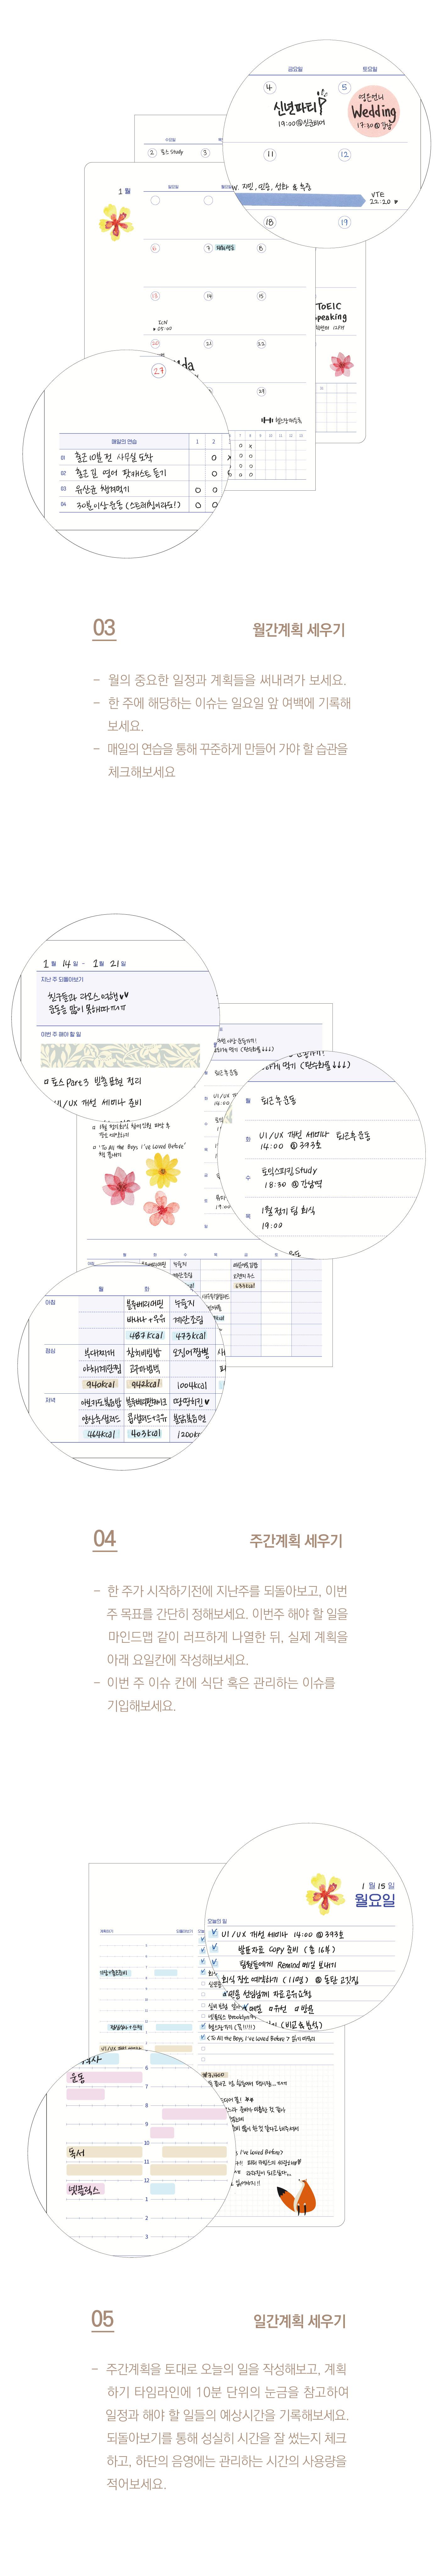 온프레임 한달/분기플래너 - 모노태스크, 4,000원, 만년형, 포토